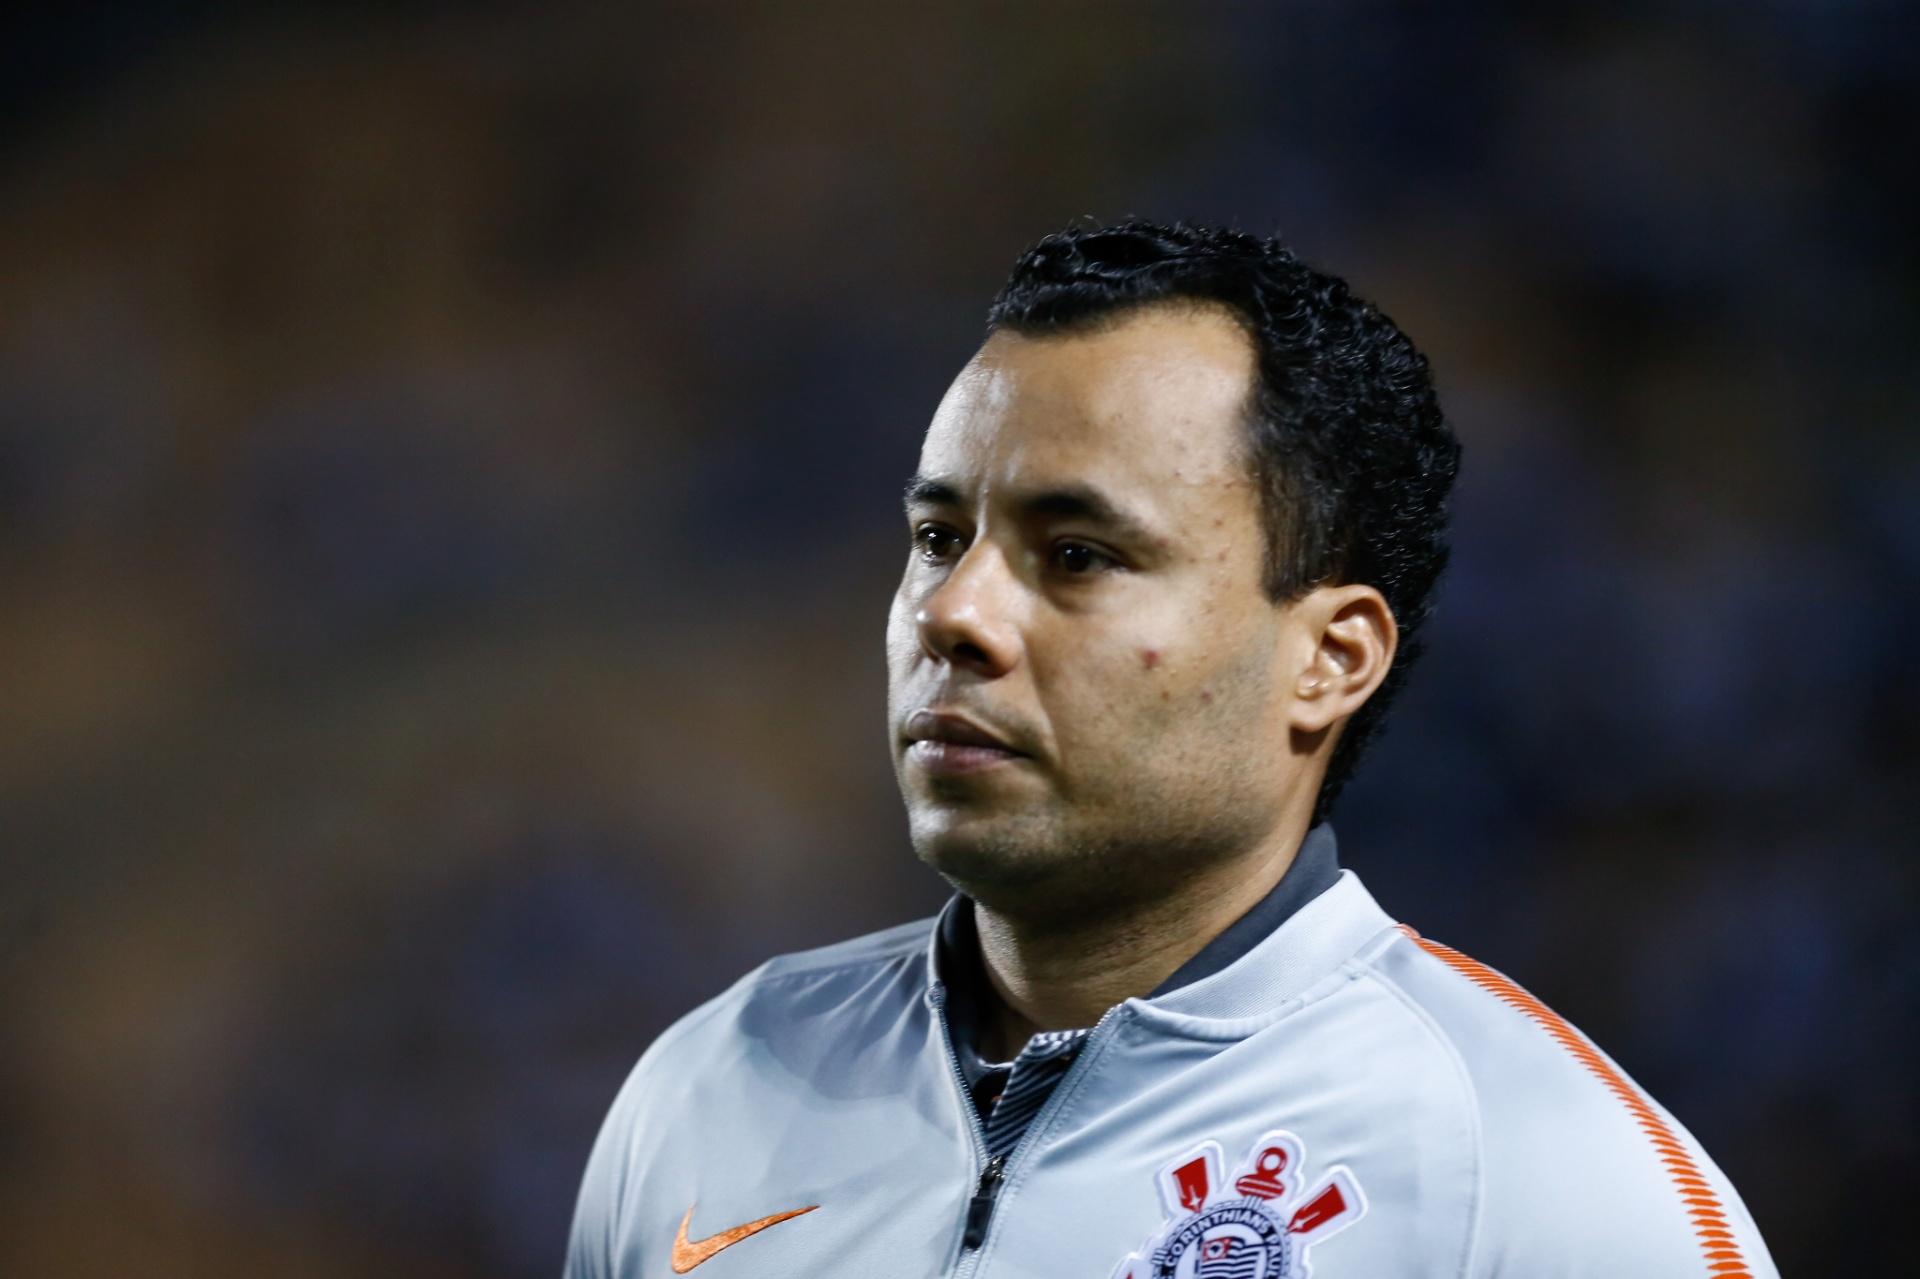 Corinthians piora com troca de Loss por Jair e vê zona da degola mais perto  - 14 10 2018 - UOL Esporte 22cb98bb5d604